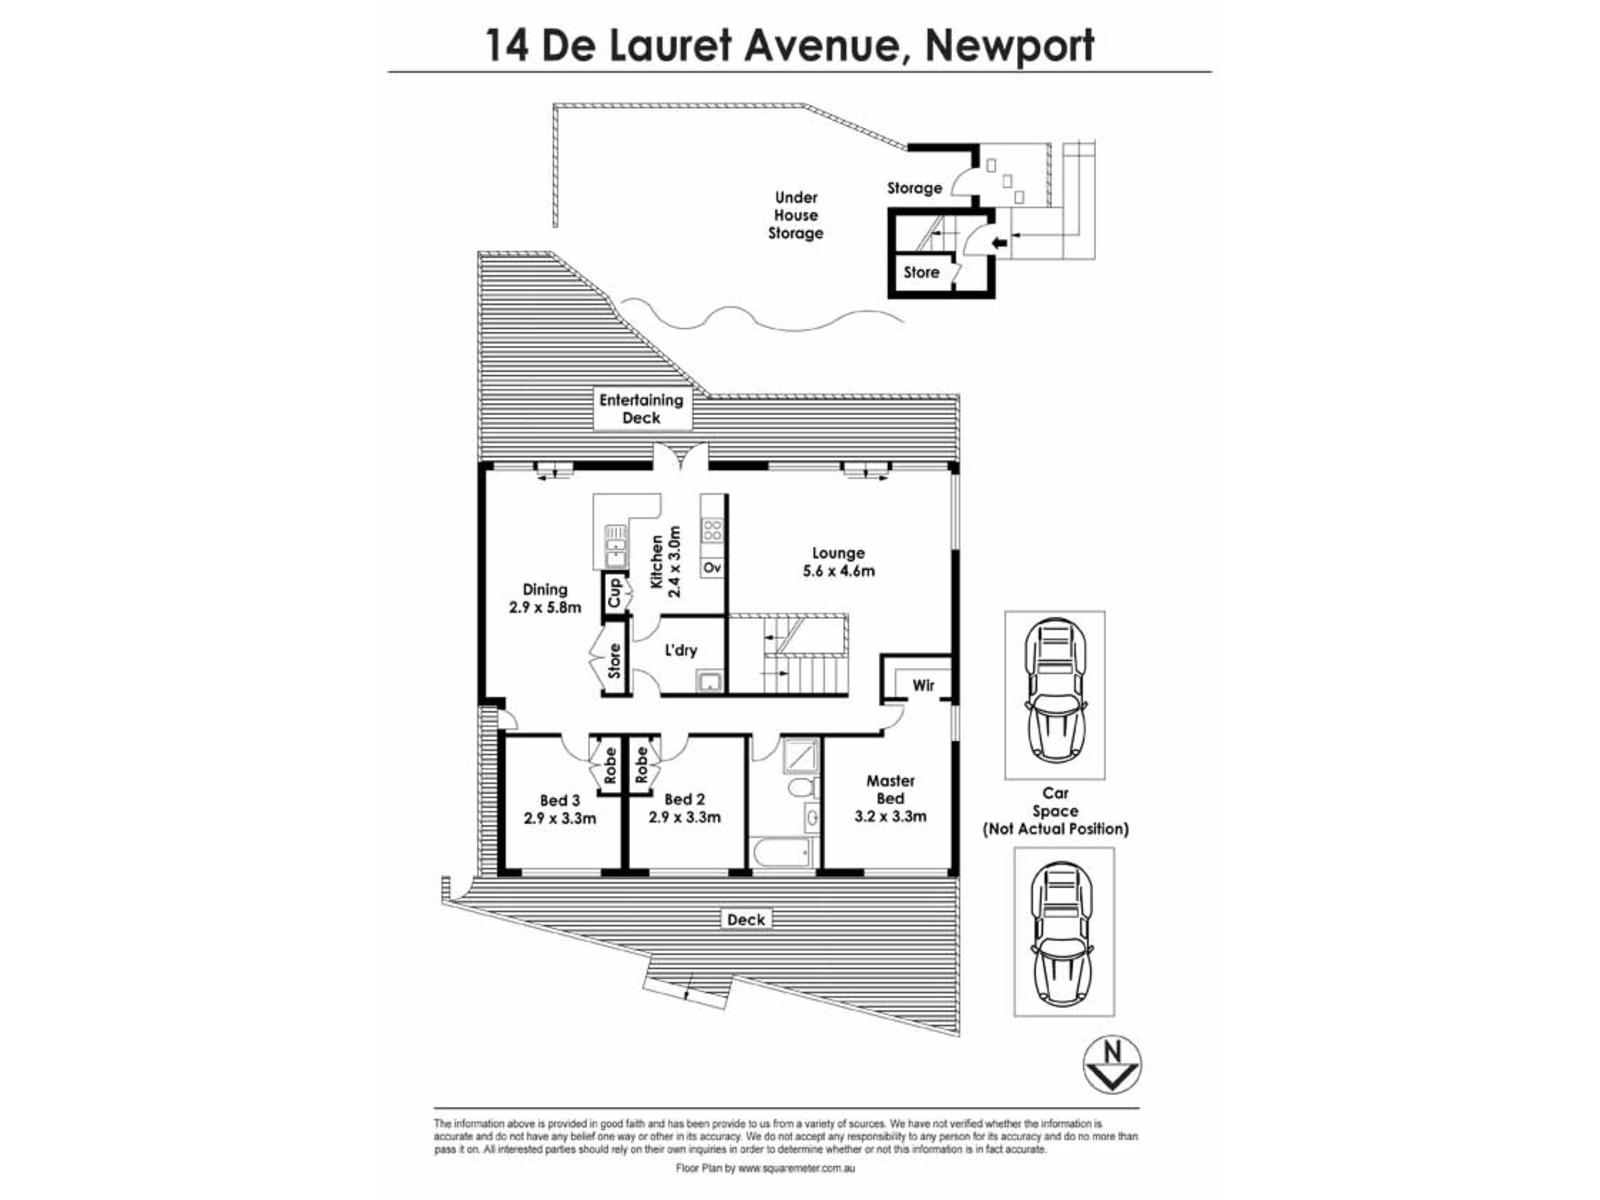 14 De Lauret Avenue, Newport